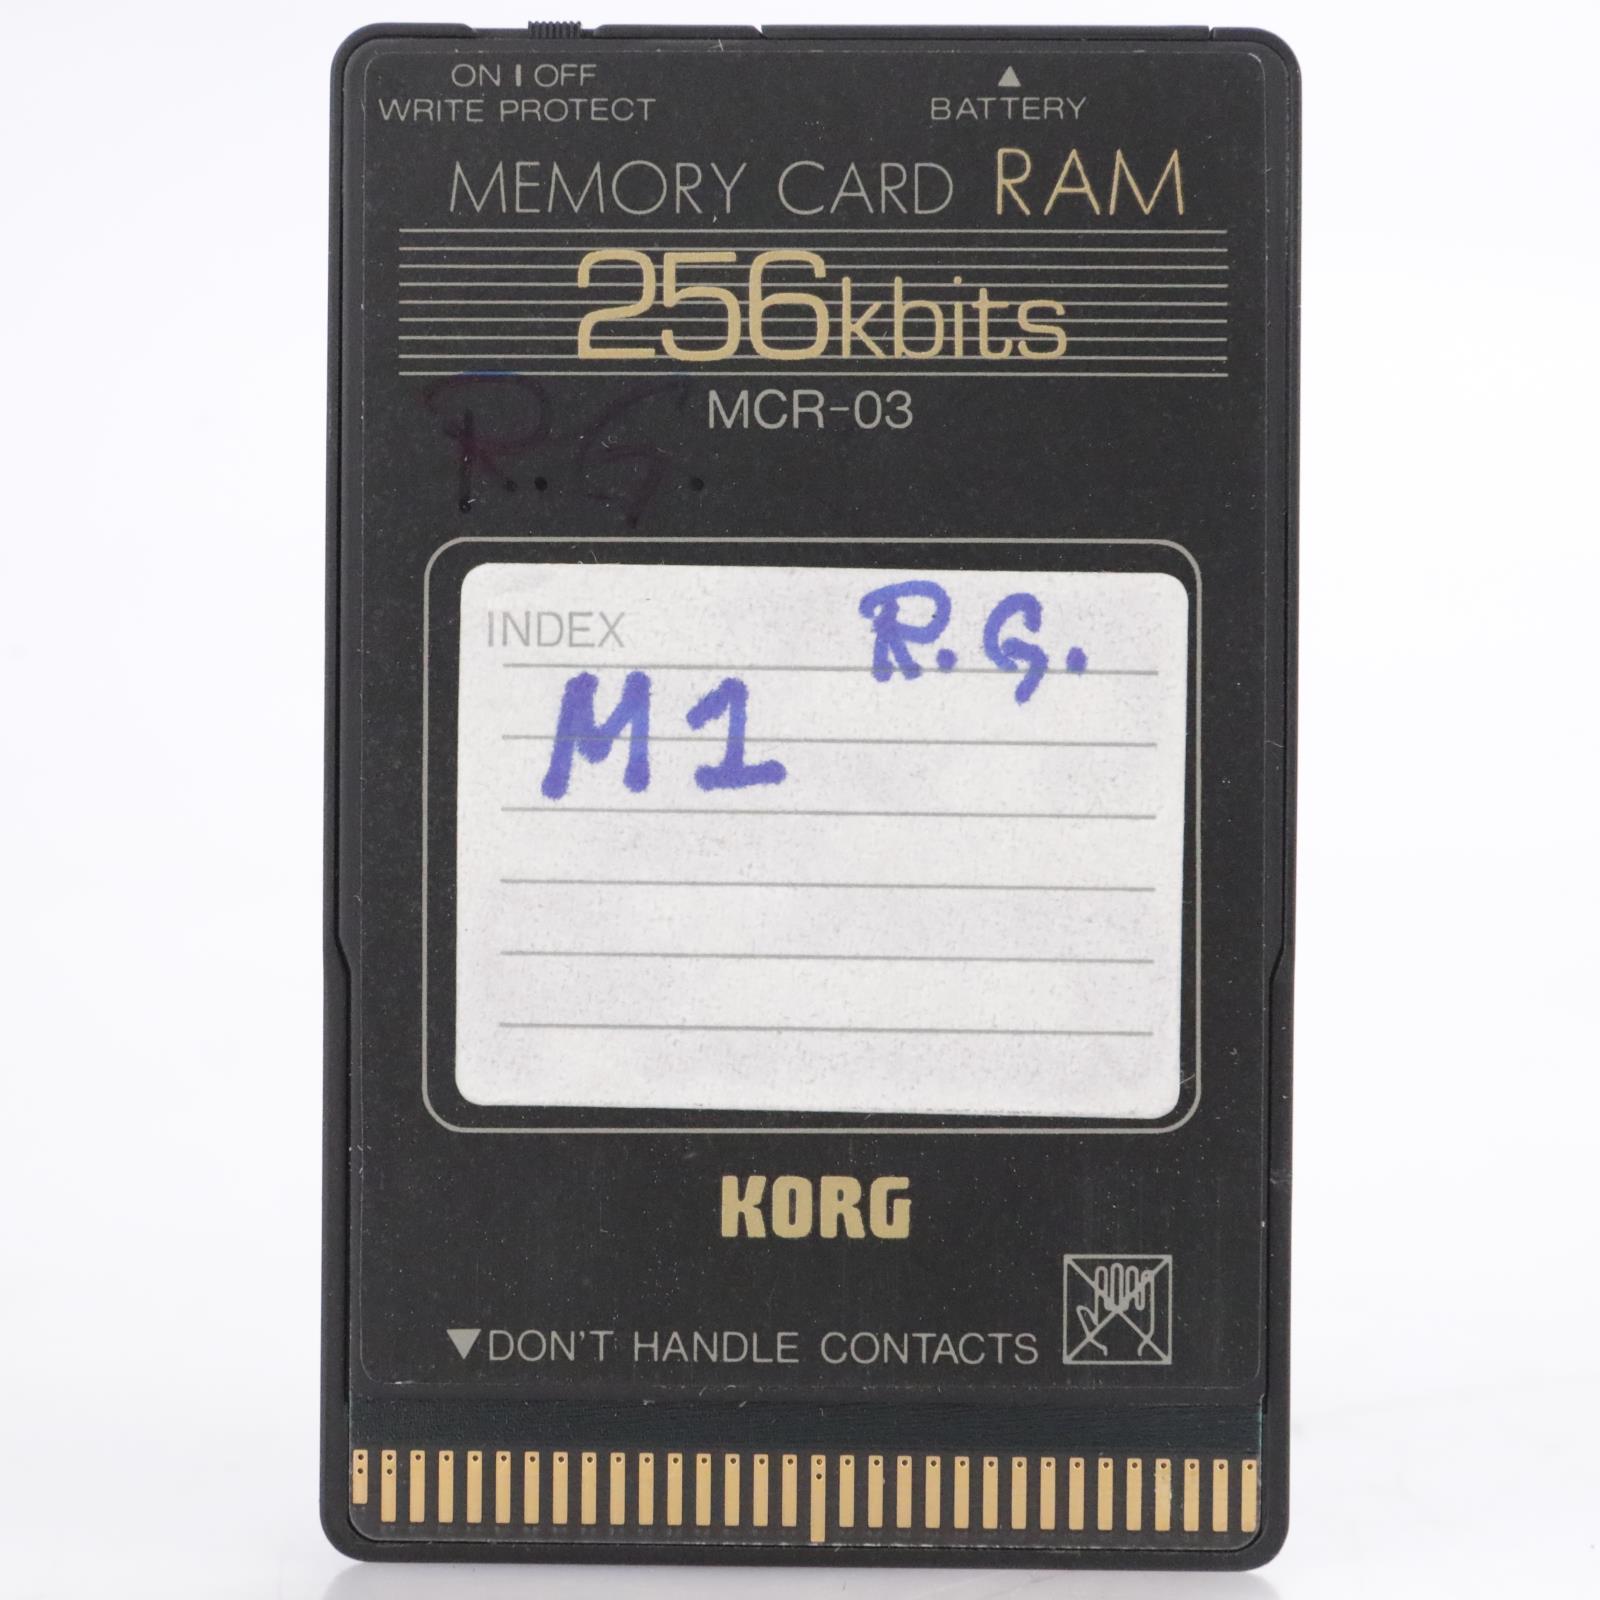 Korg MCR-03 256Kb RAM Memory Card for Korg M1 #44195